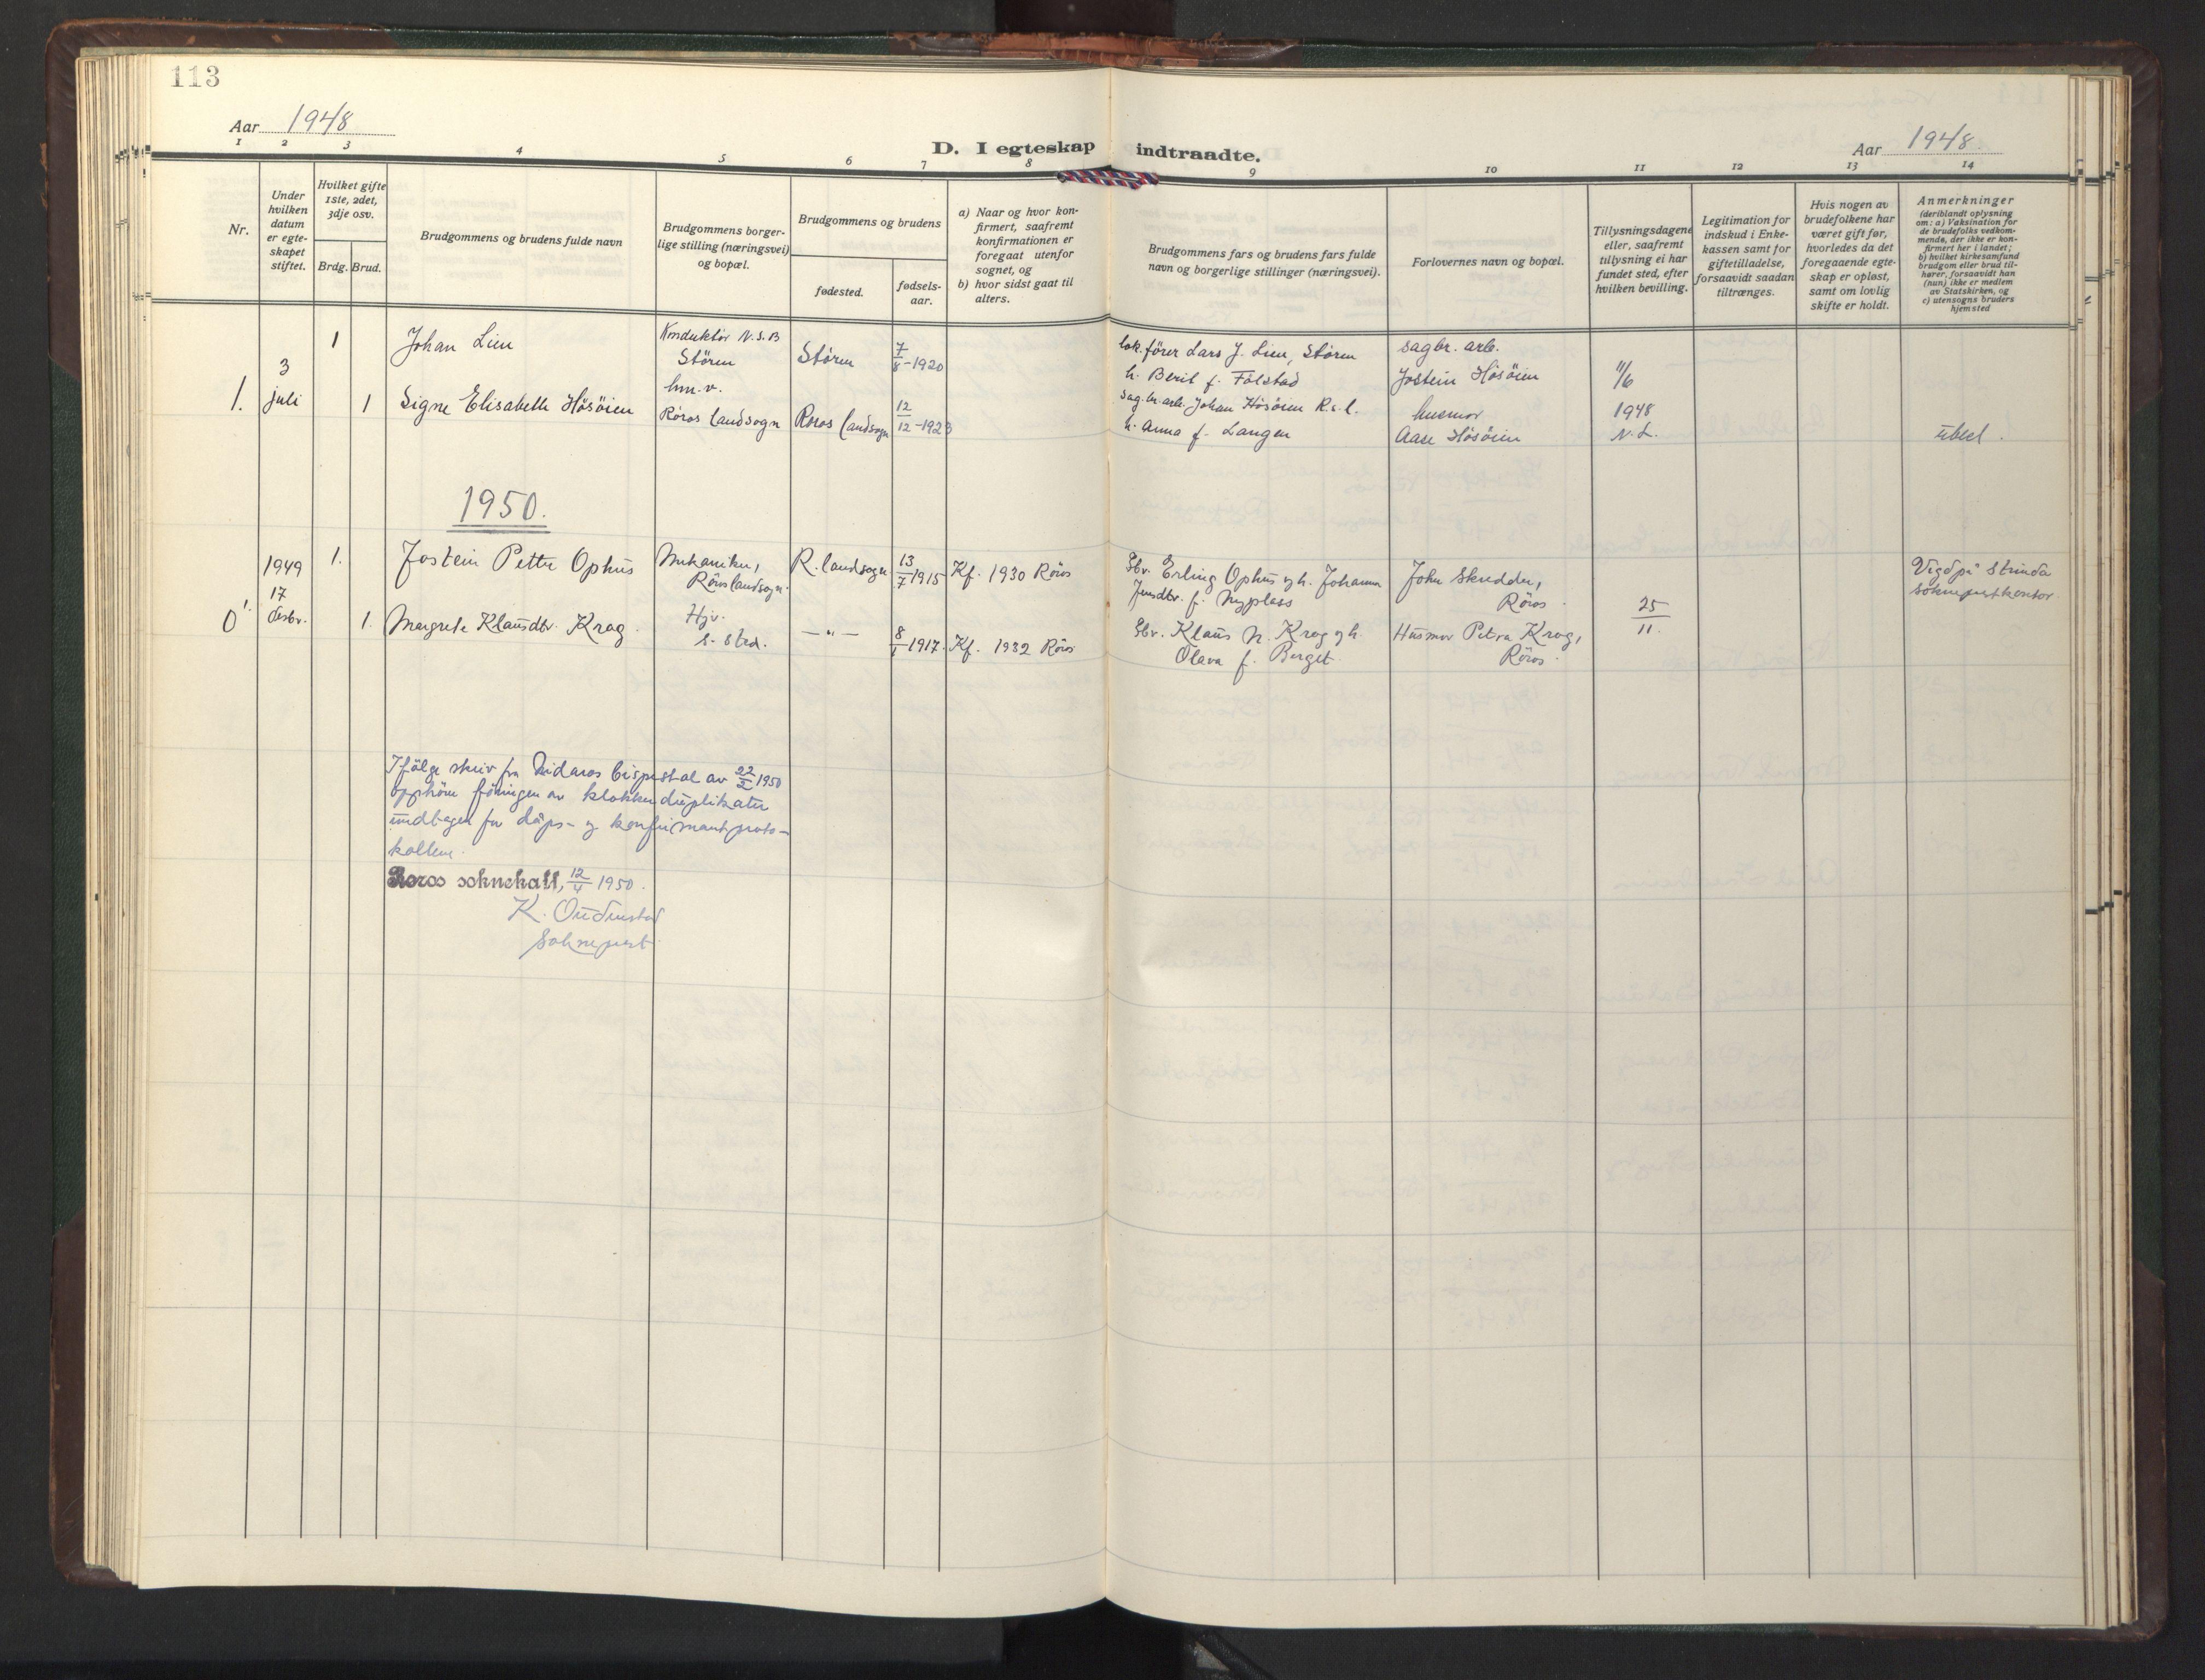 SAT, Ministerialprotokoller, klokkerbøker og fødselsregistre - Sør-Trøndelag, 681/L0944: Klokkerbok nr. 681C08, 1926-1954, s. 113